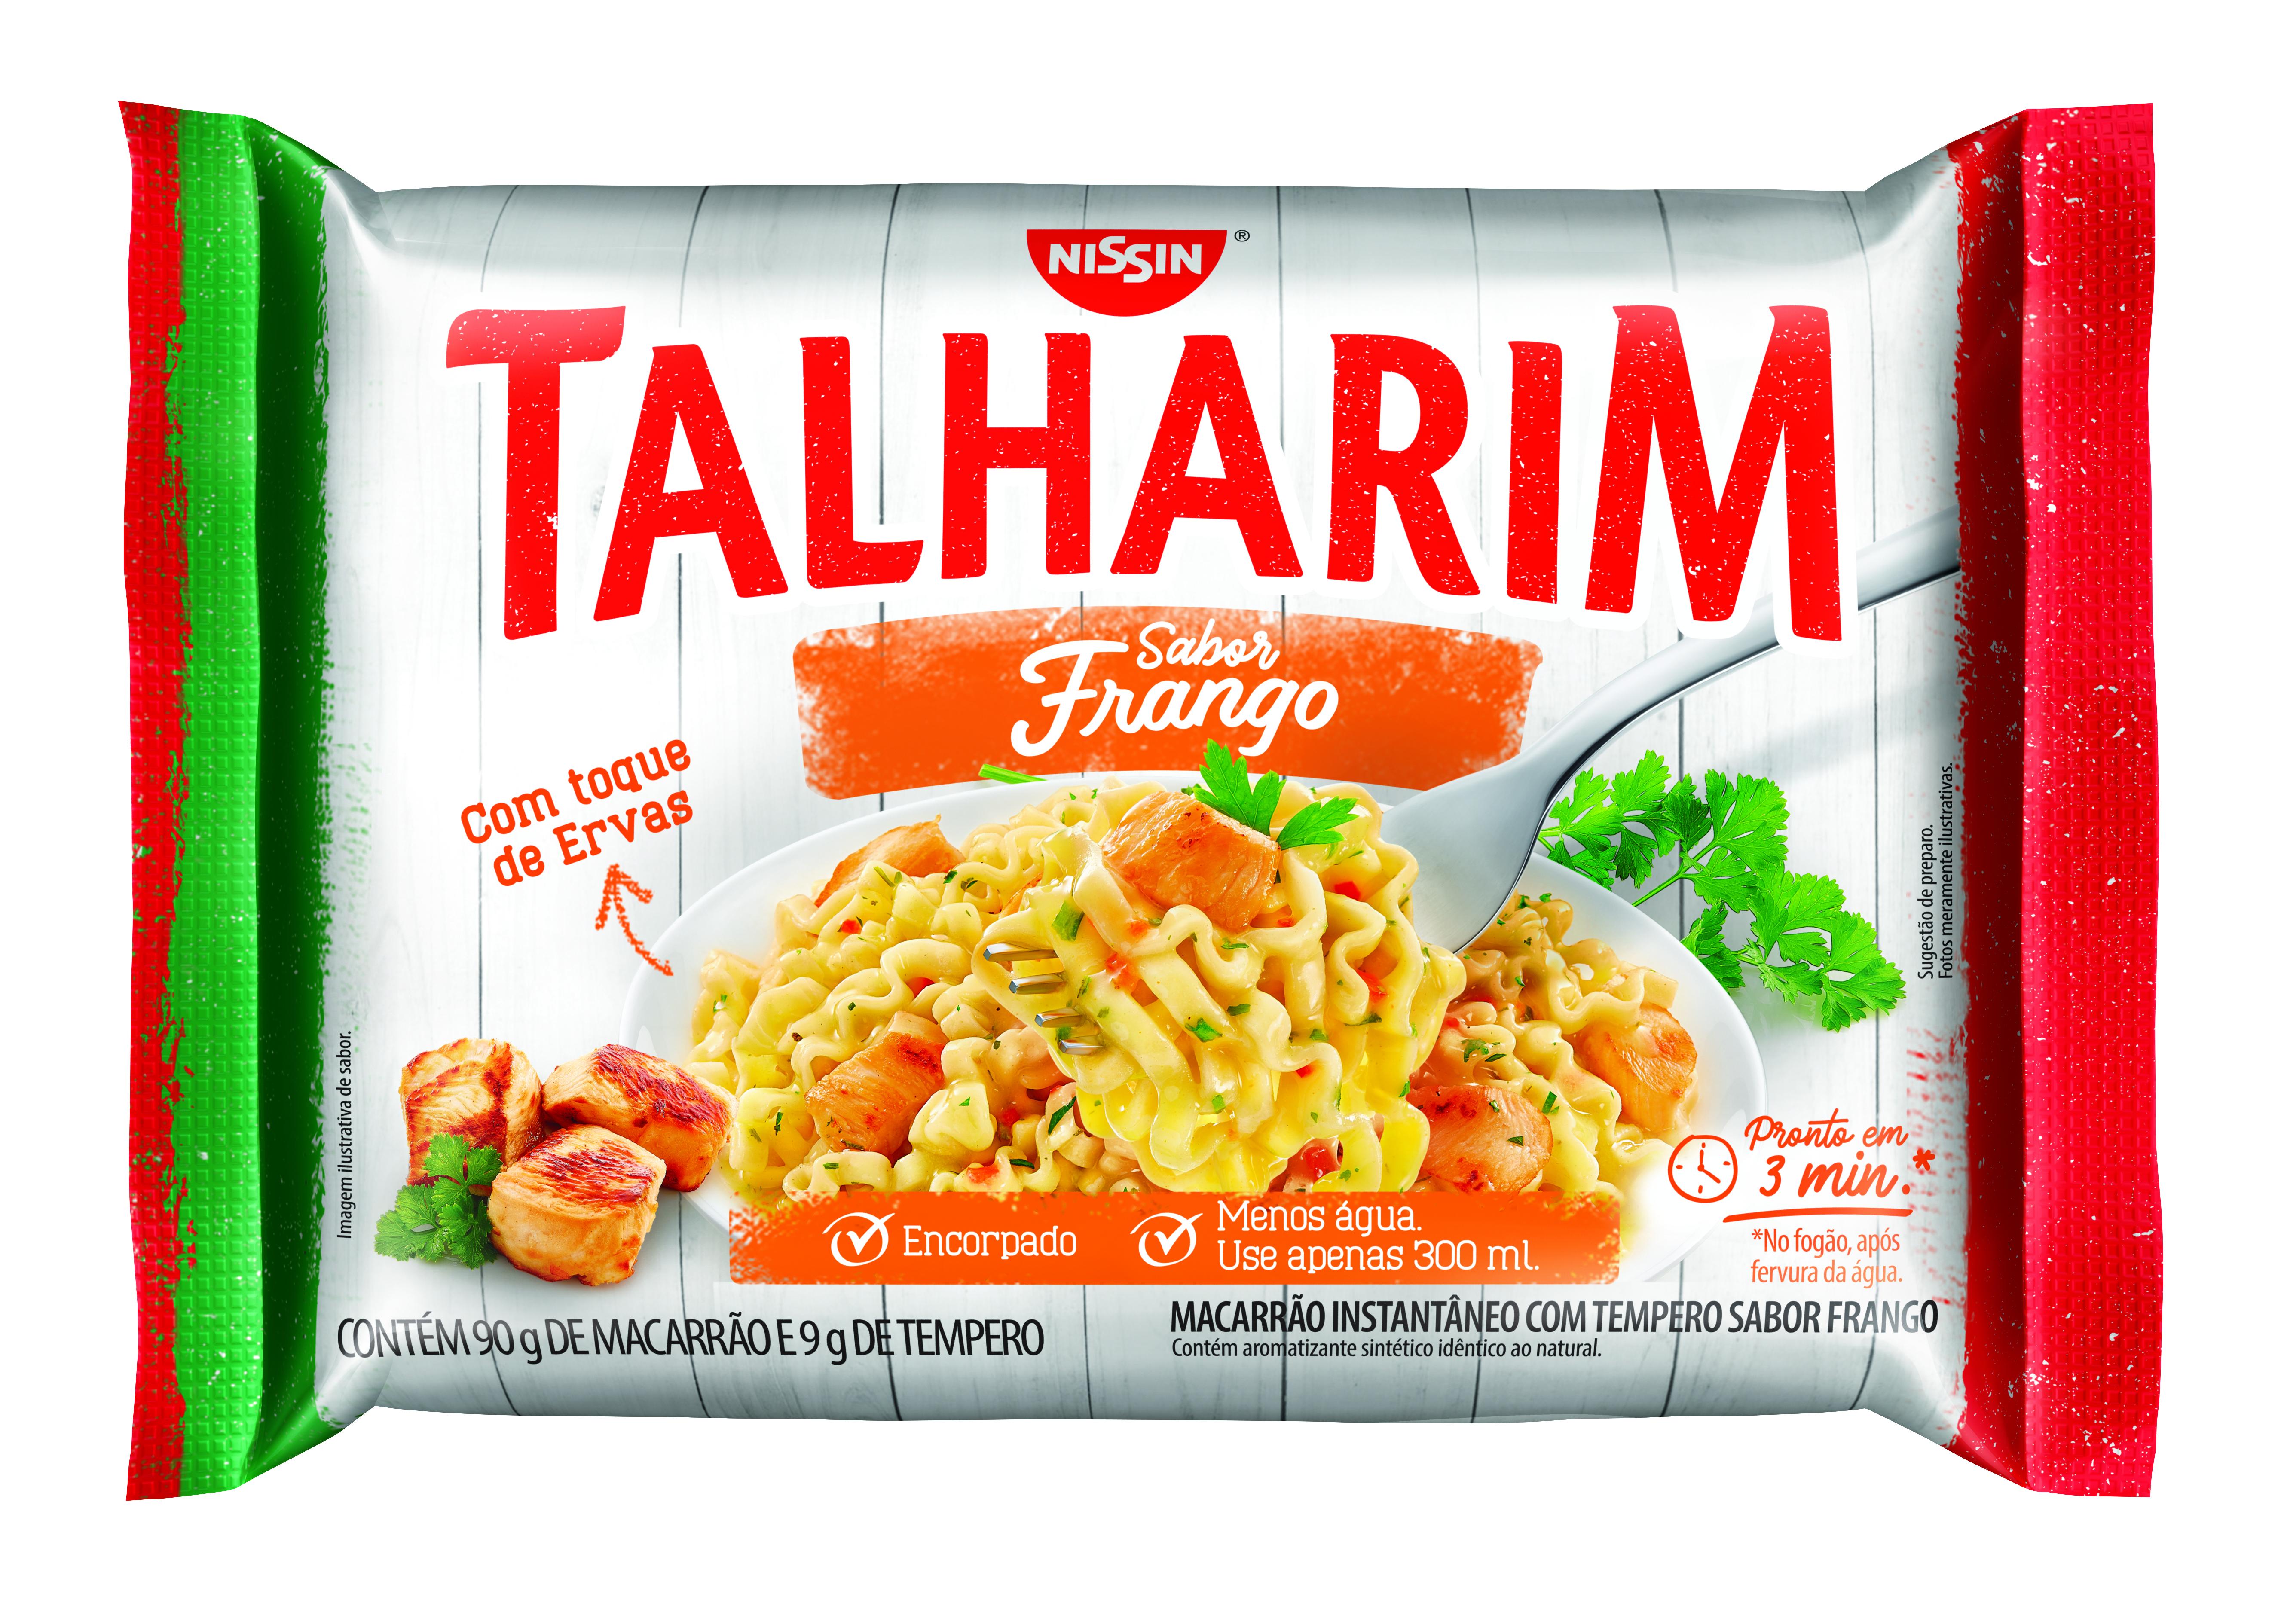 NISSIN TALHARIM FRANGO 1X99G (50)